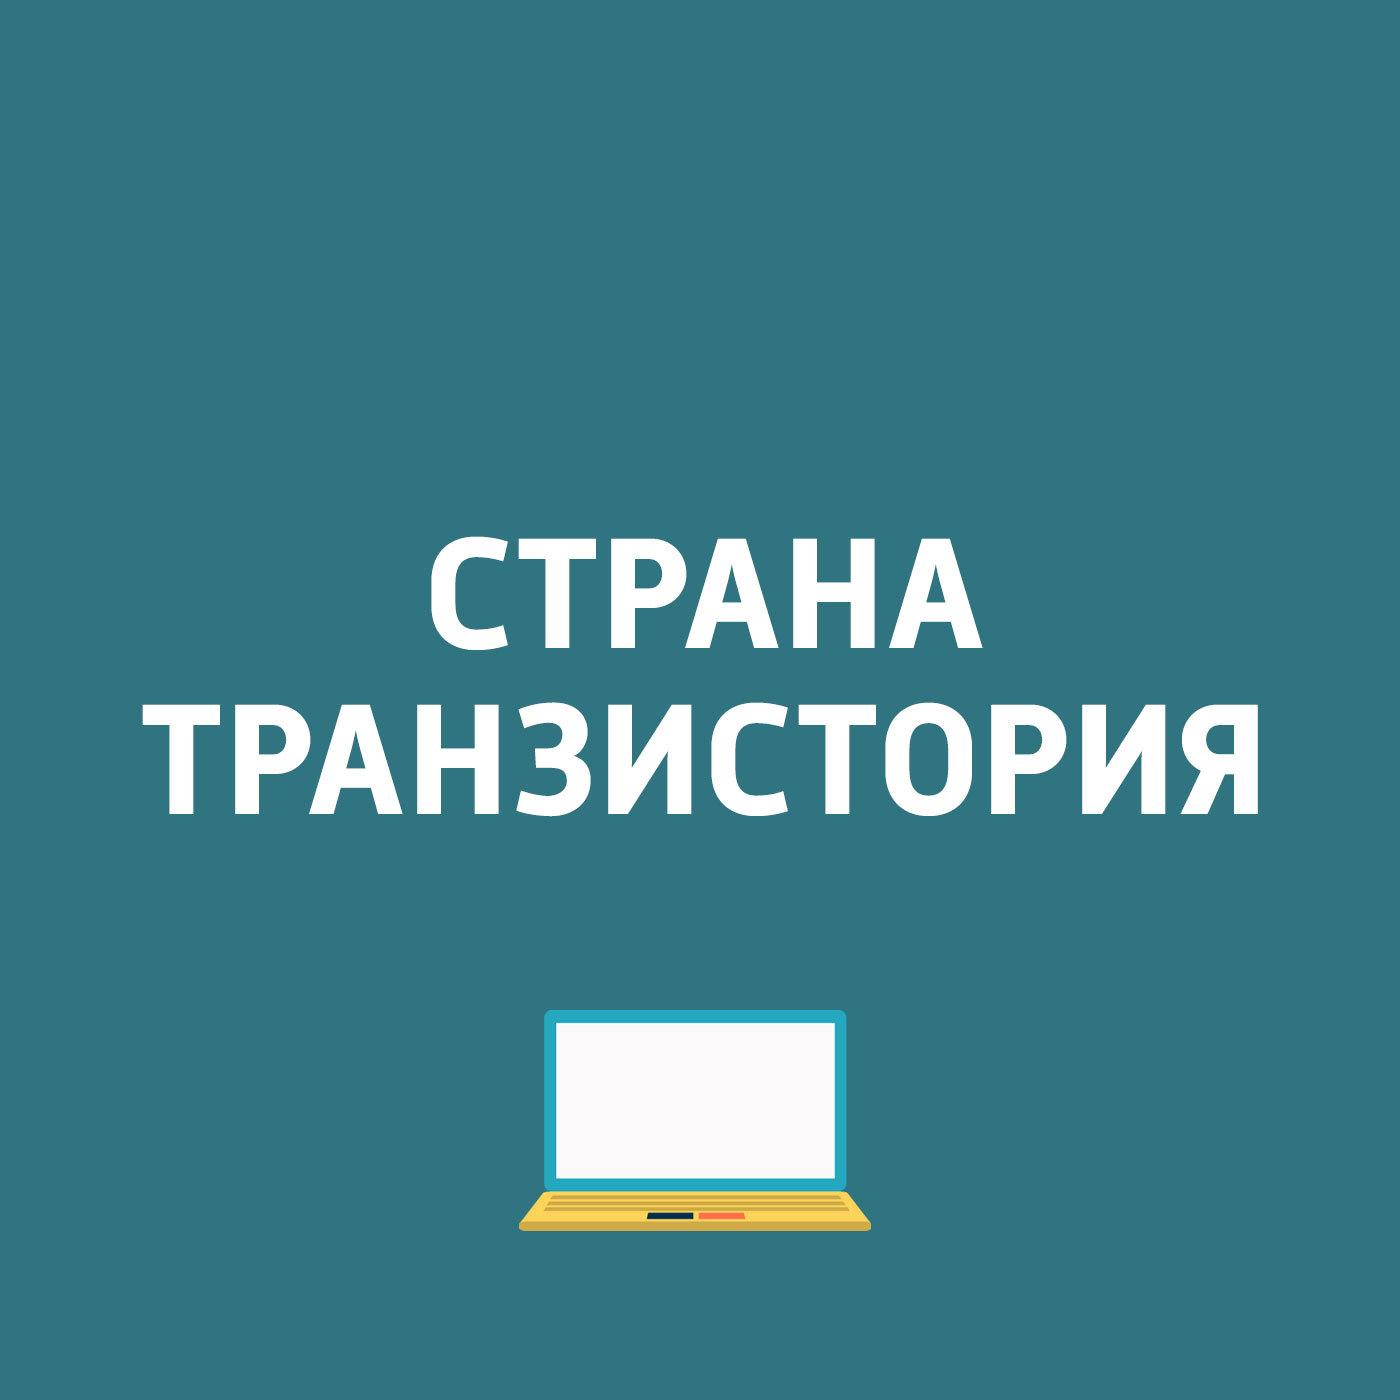 Картаев Павел Meizu M5; Девять российских банков начали работать с Apple Pay... картаев павел meizu объявила дату презентации новой линейки флагманских смартфонов домену ru исполнилось 24 года суперкомпьютер nvidia project clara